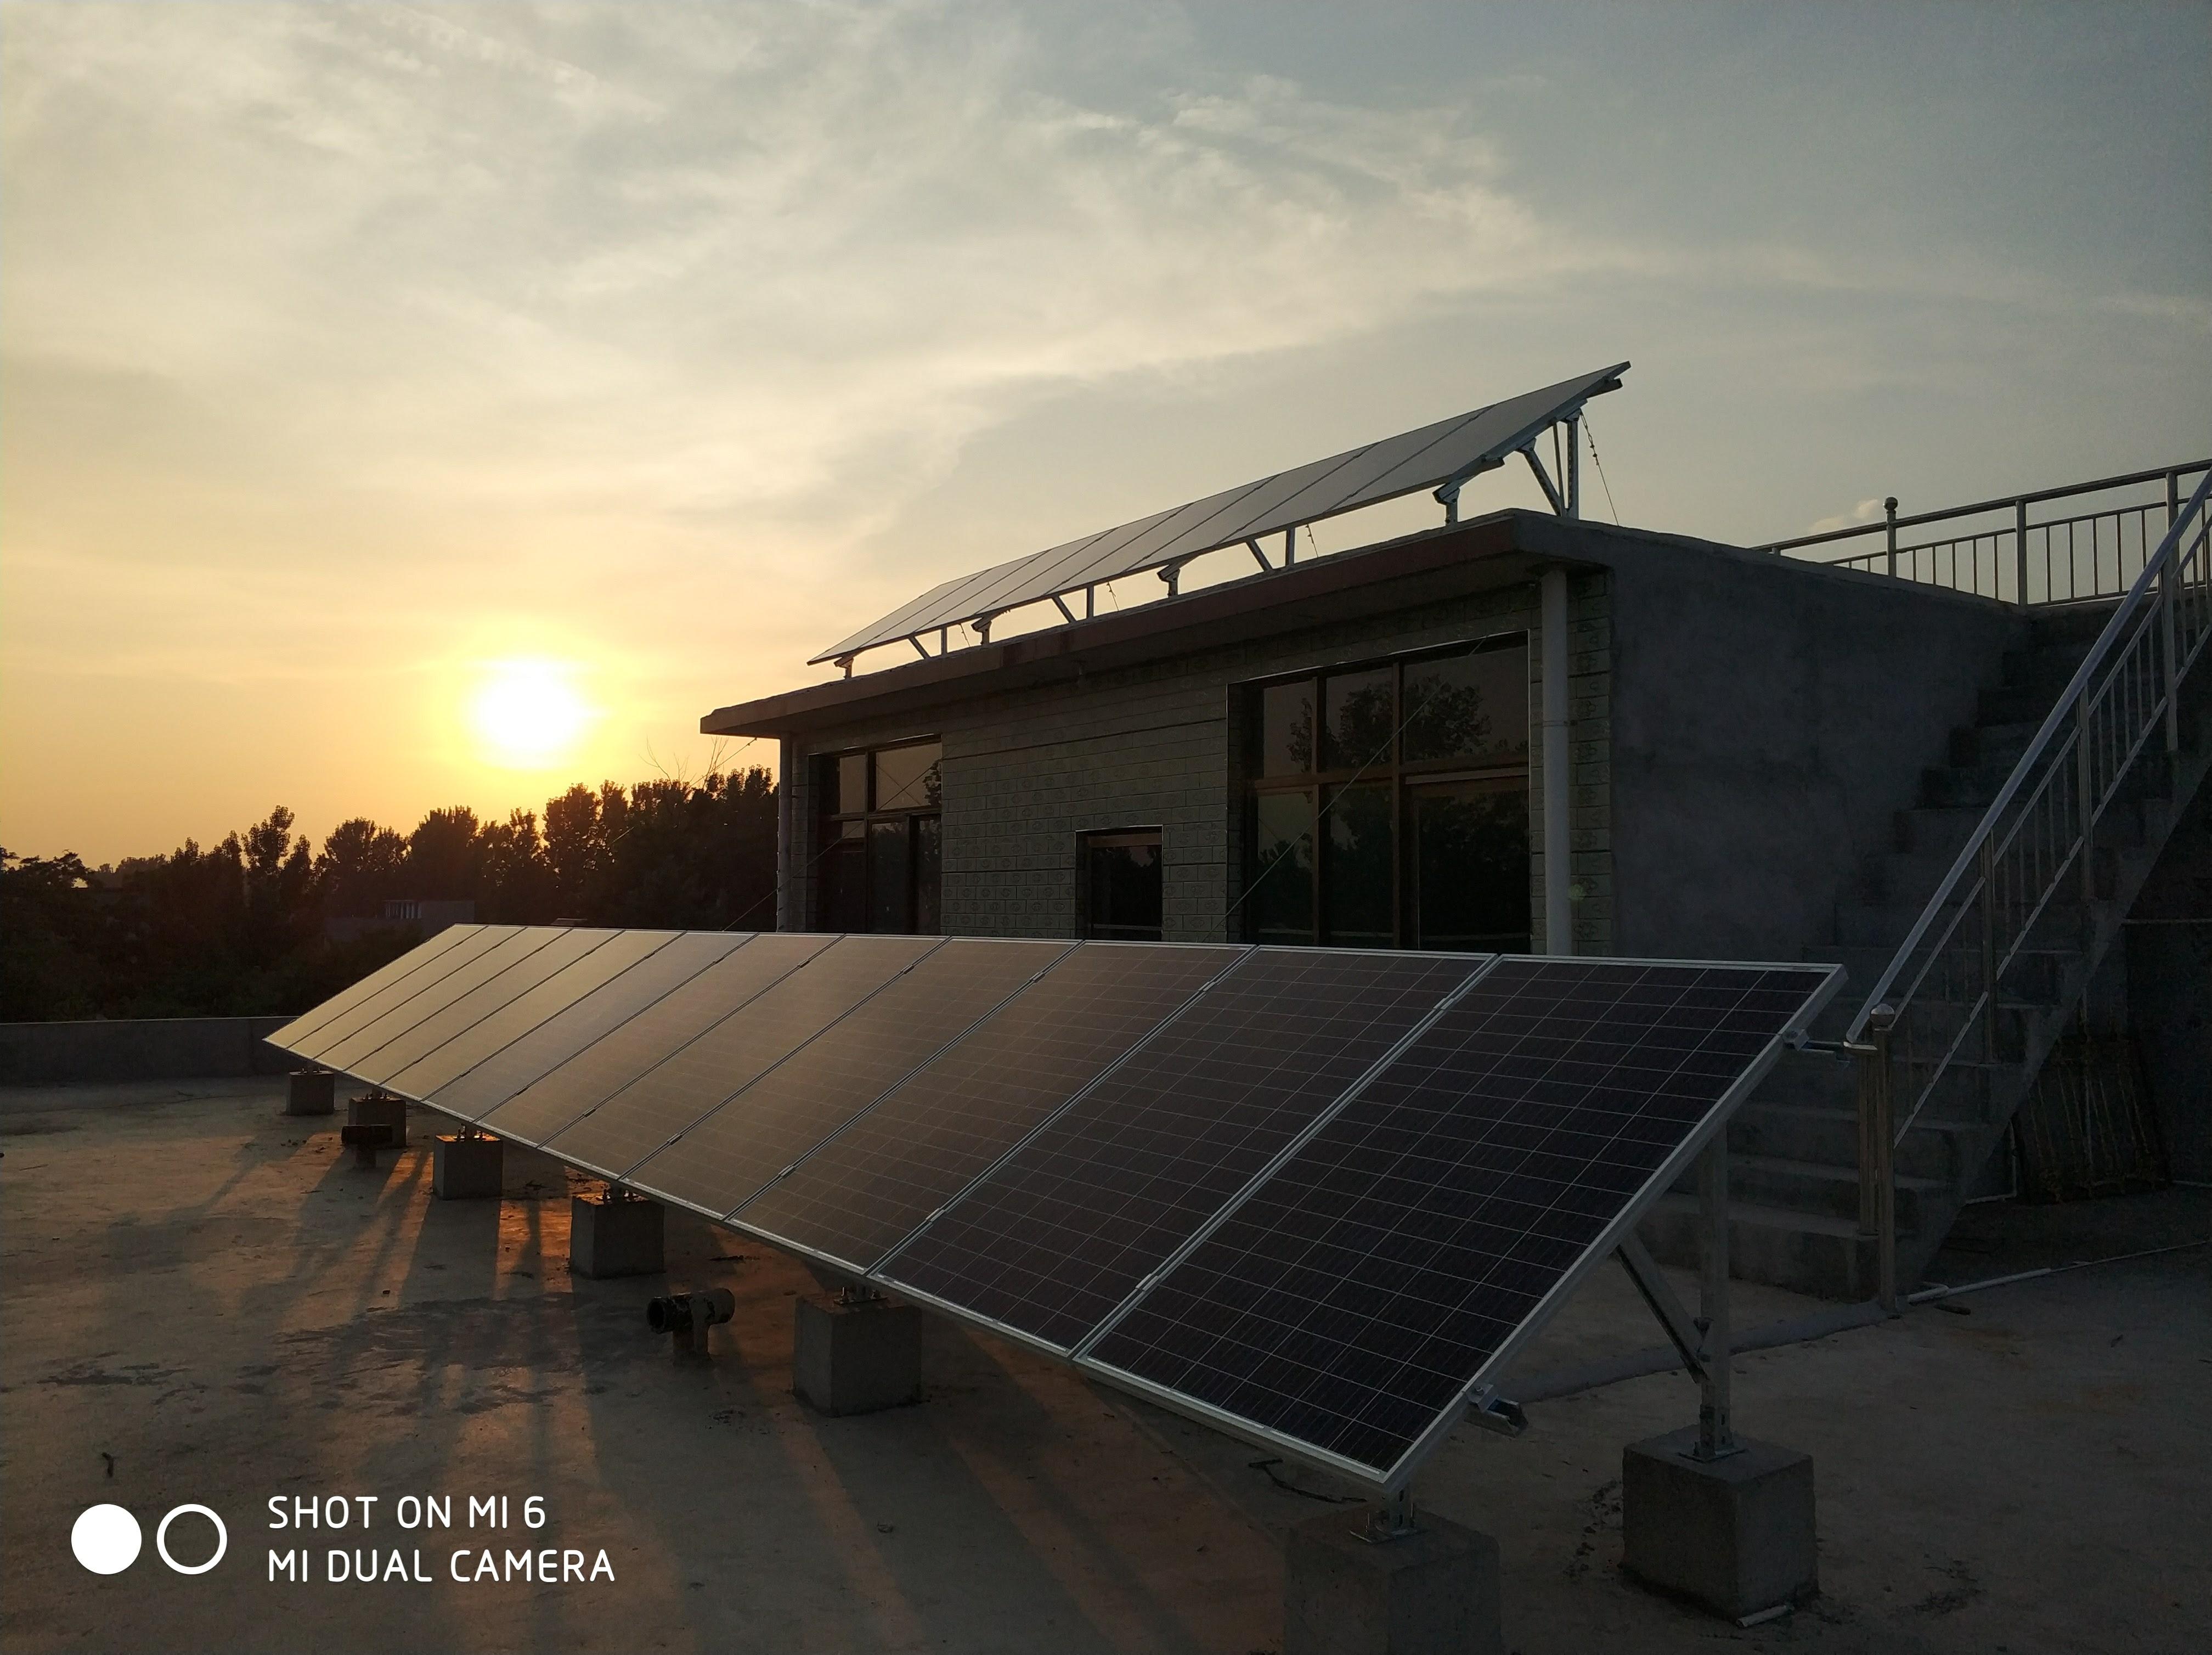 夕阳下的家庭光伏电站